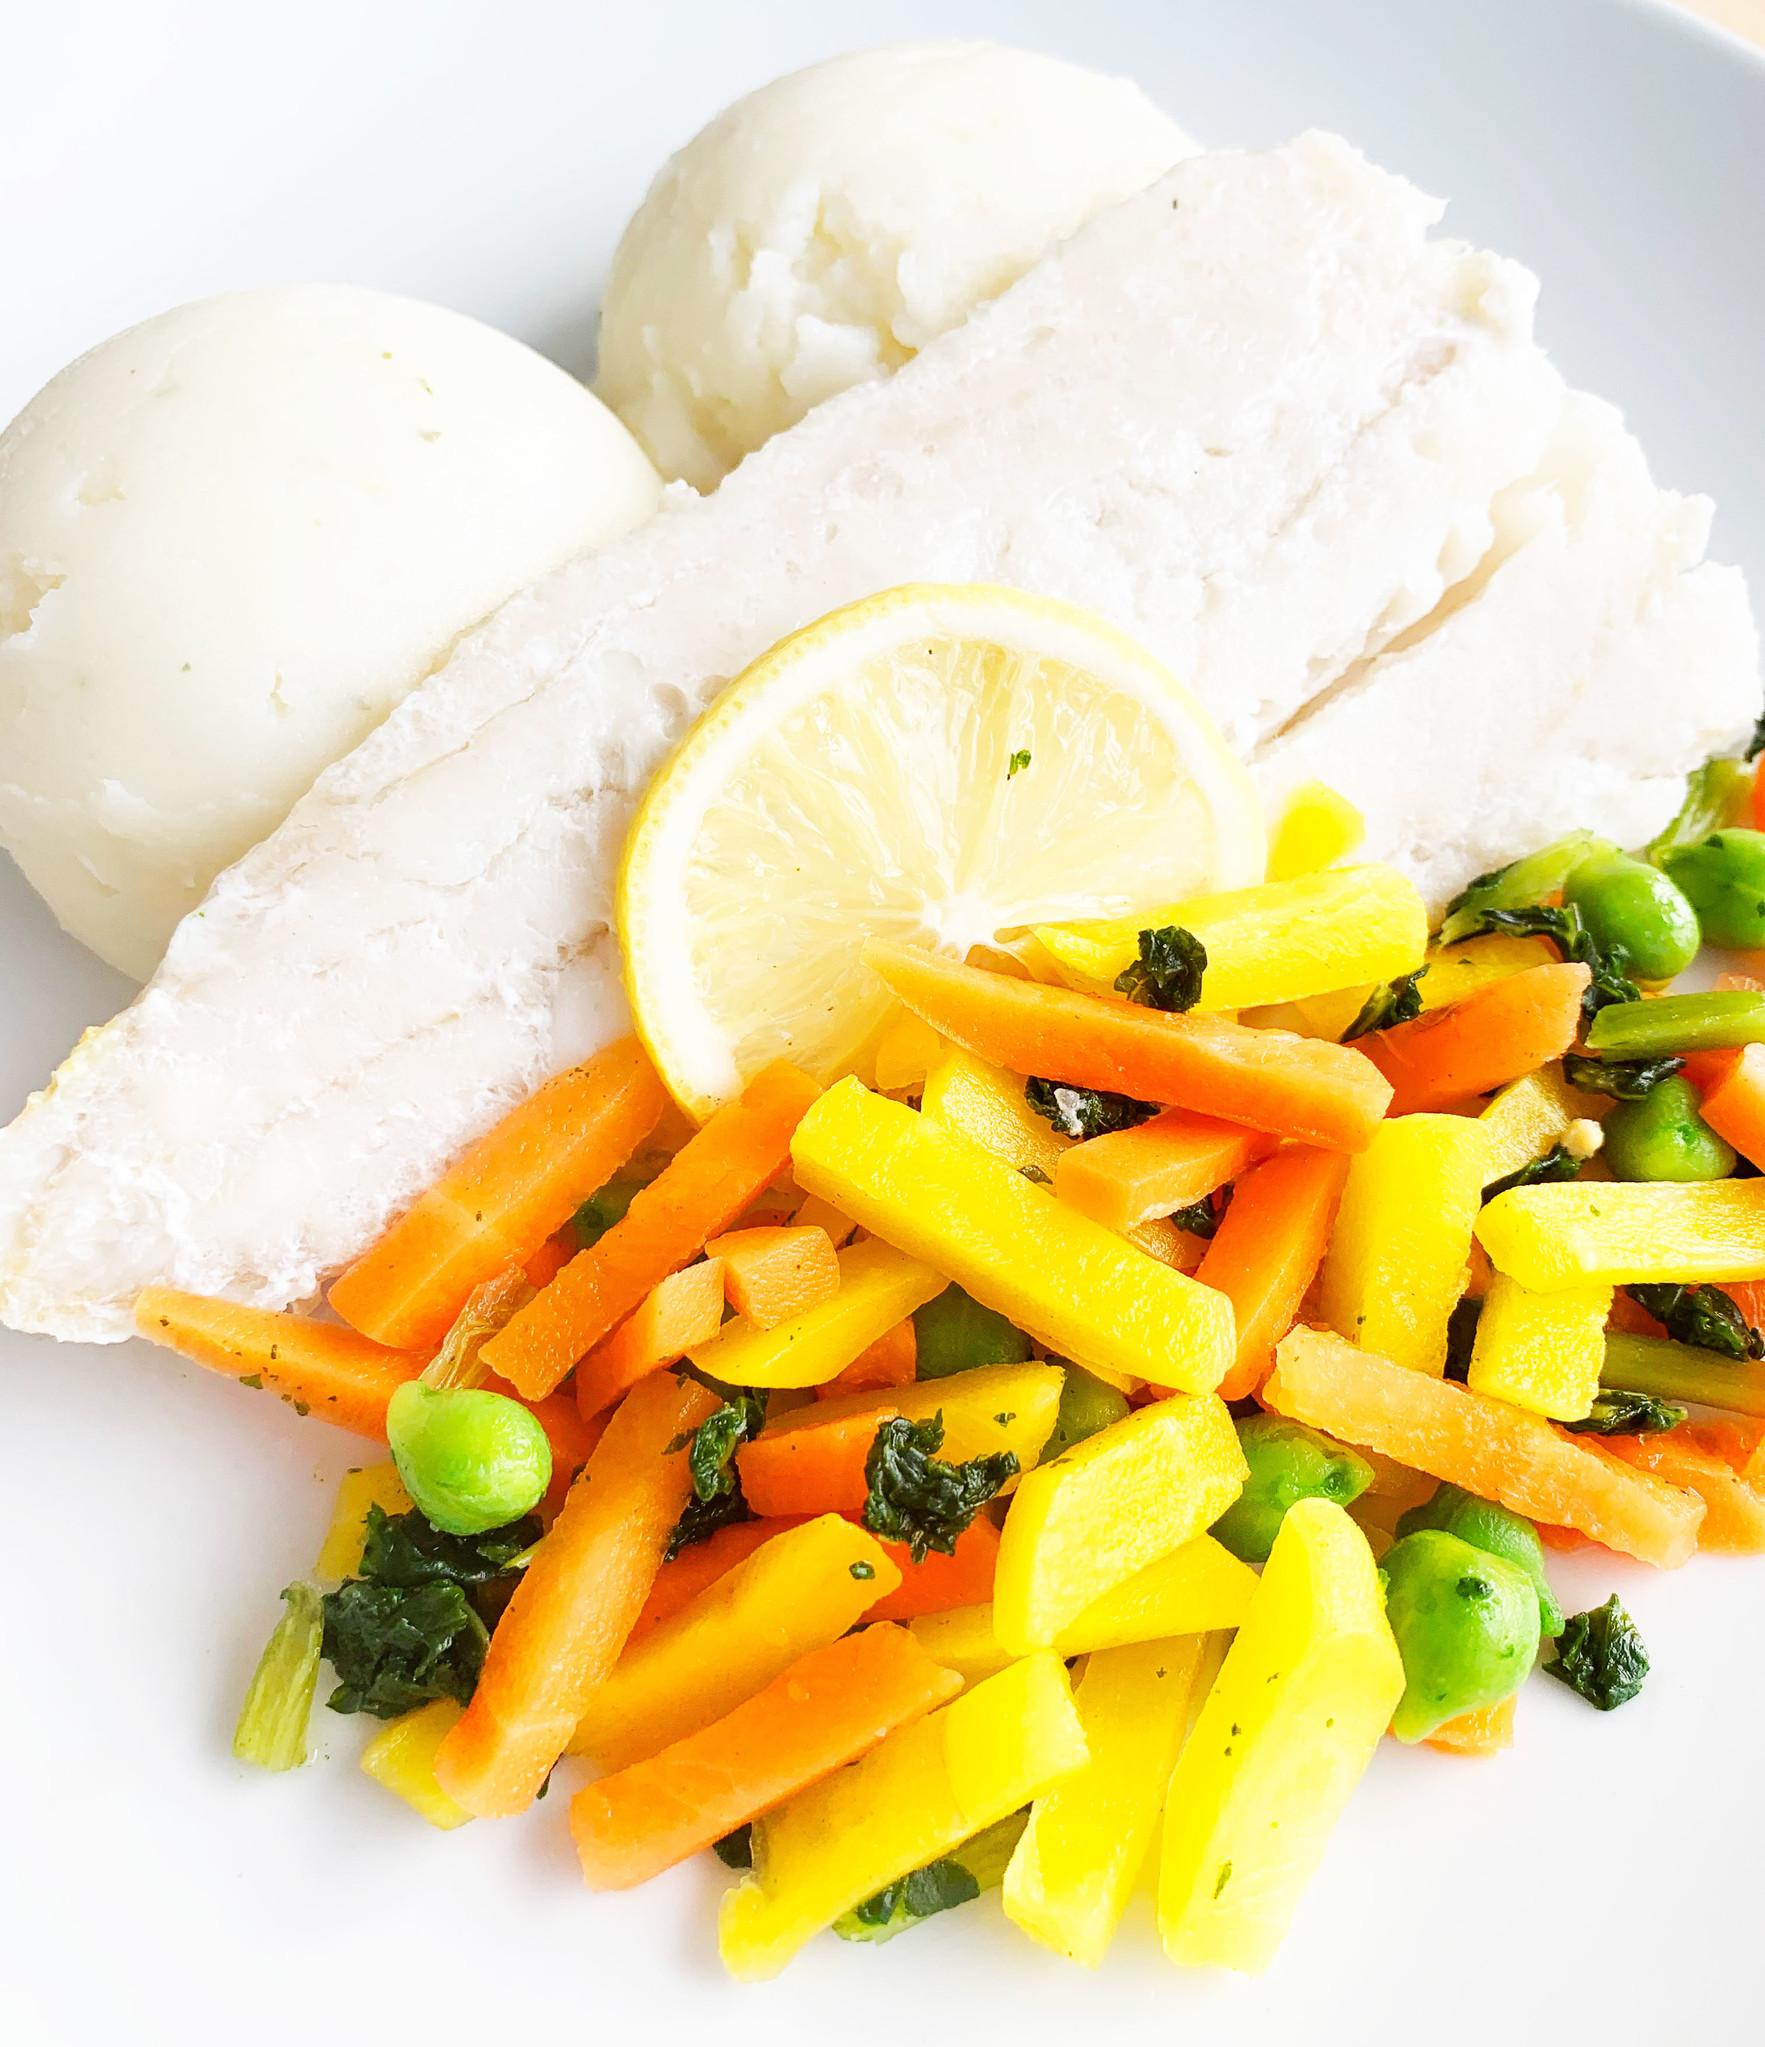 Morue au citron, macédoine & purée de pommes de terre (325g)